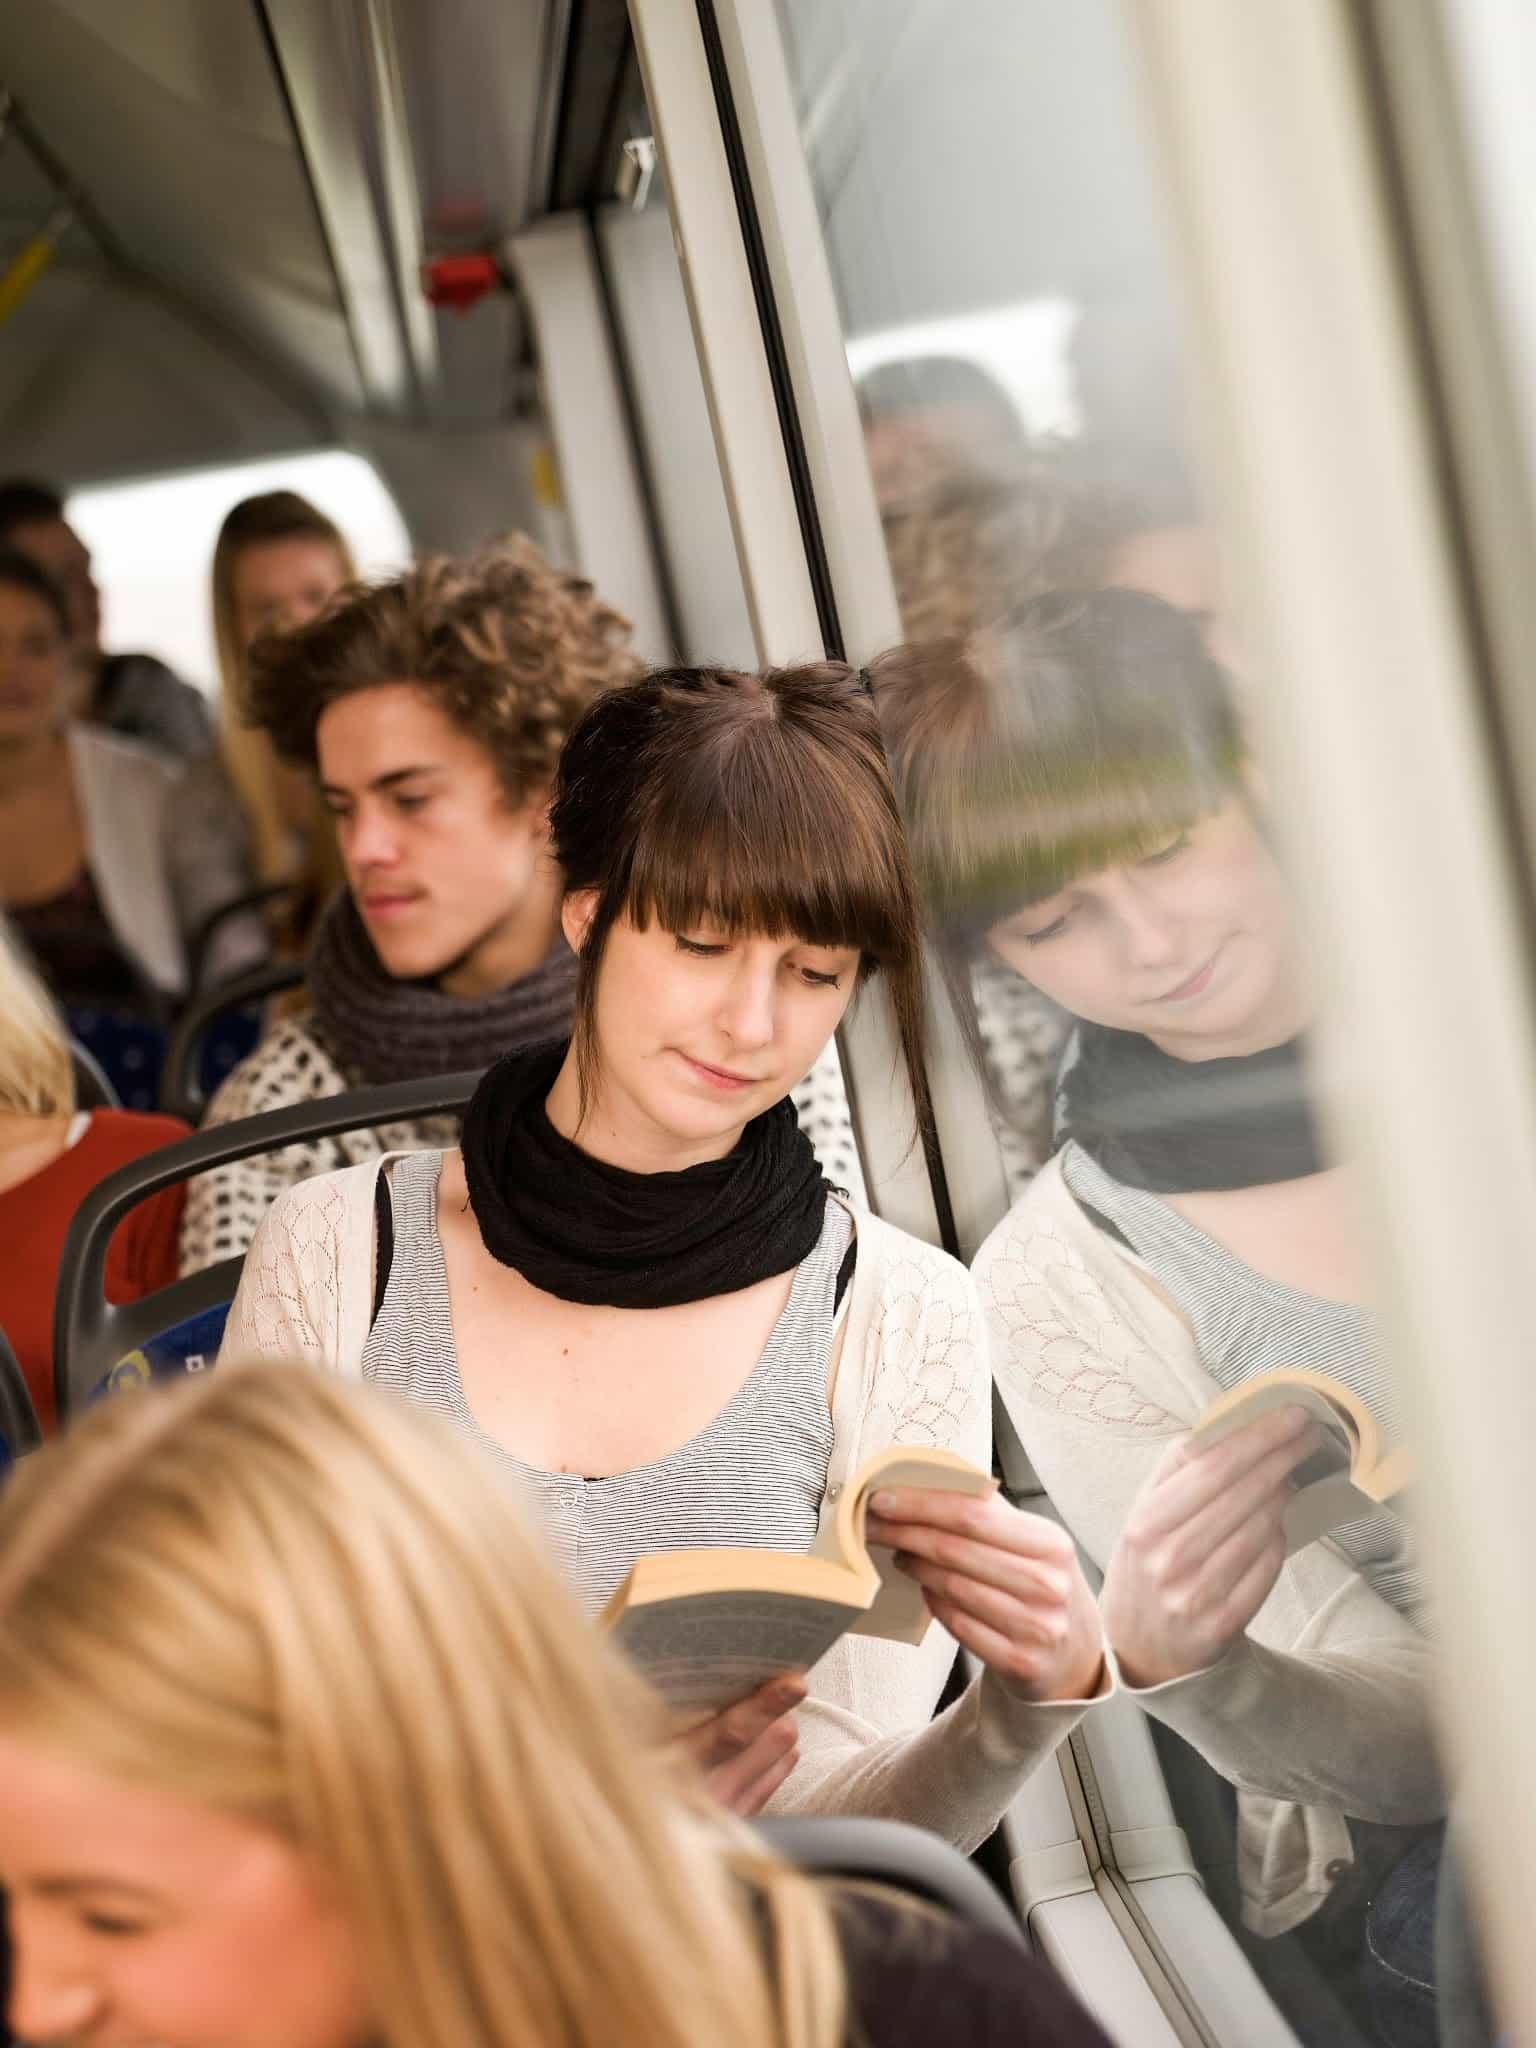 Mujer joven leyendo un libro mientras va en el autobús